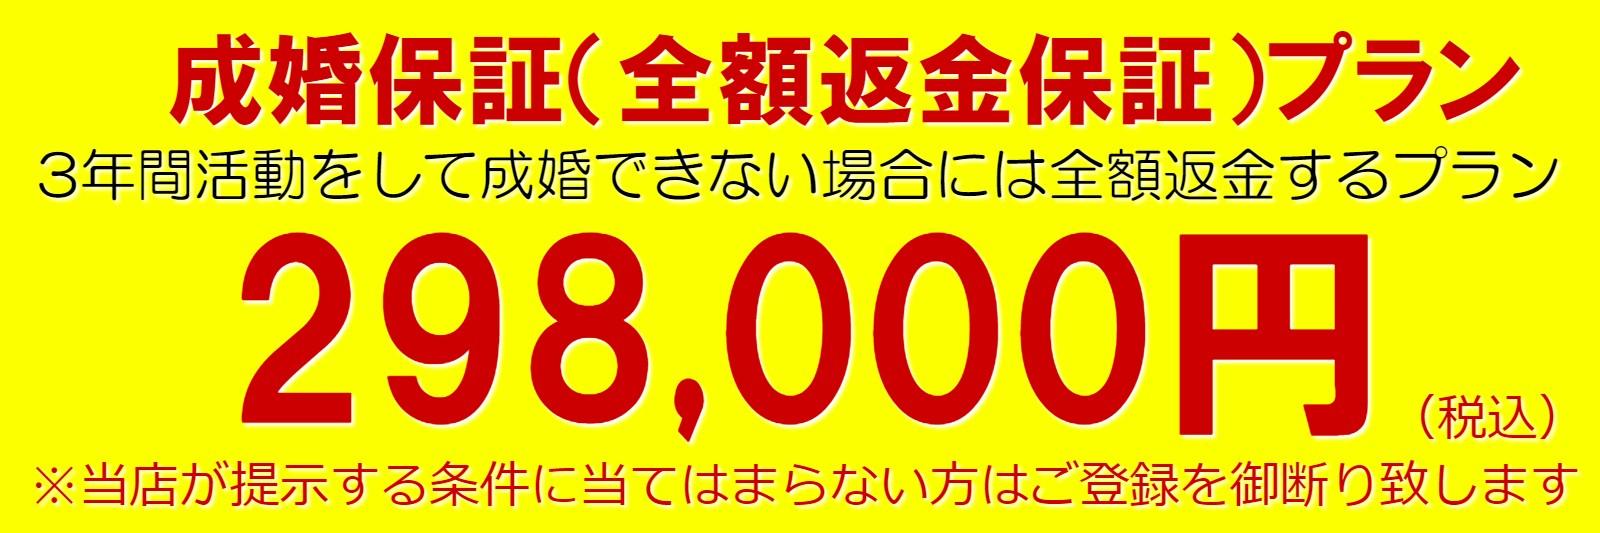 東京で婚活なら「成婚保証(全額返金保証)プラン」の占い館提案の開婚マッチングが人気!